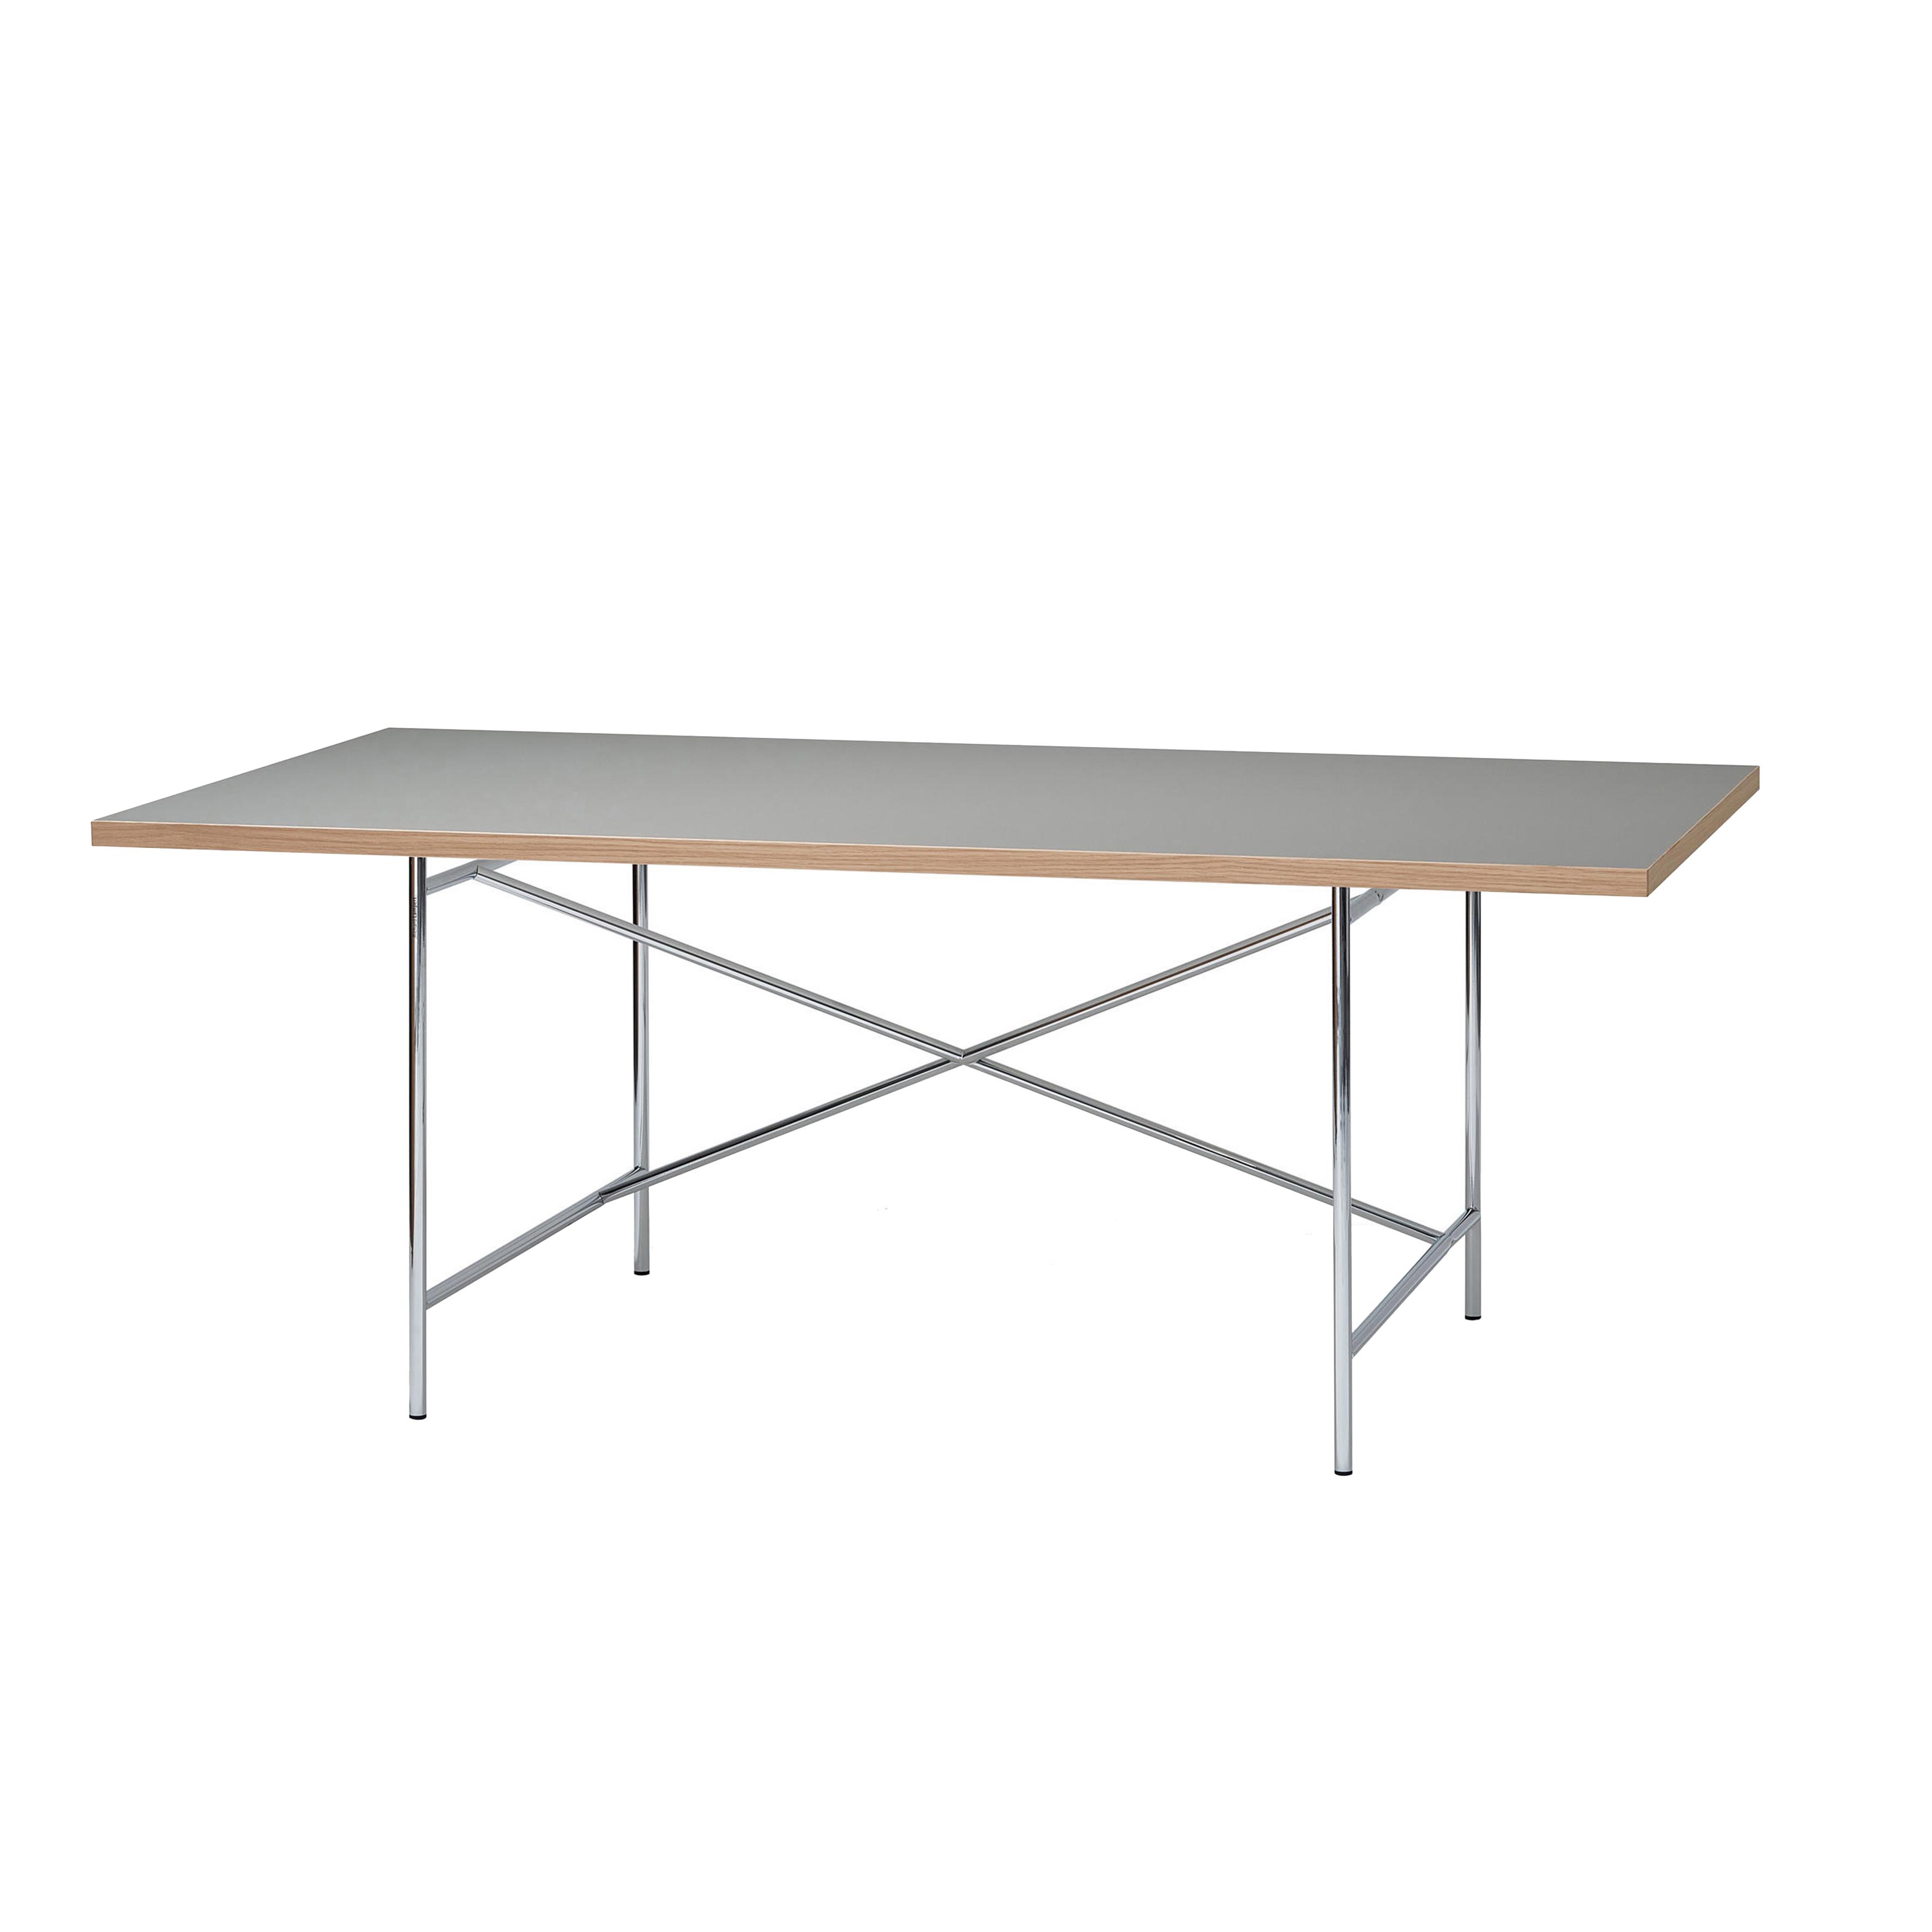 Eiermann 1 Writing Desk 200 x 90